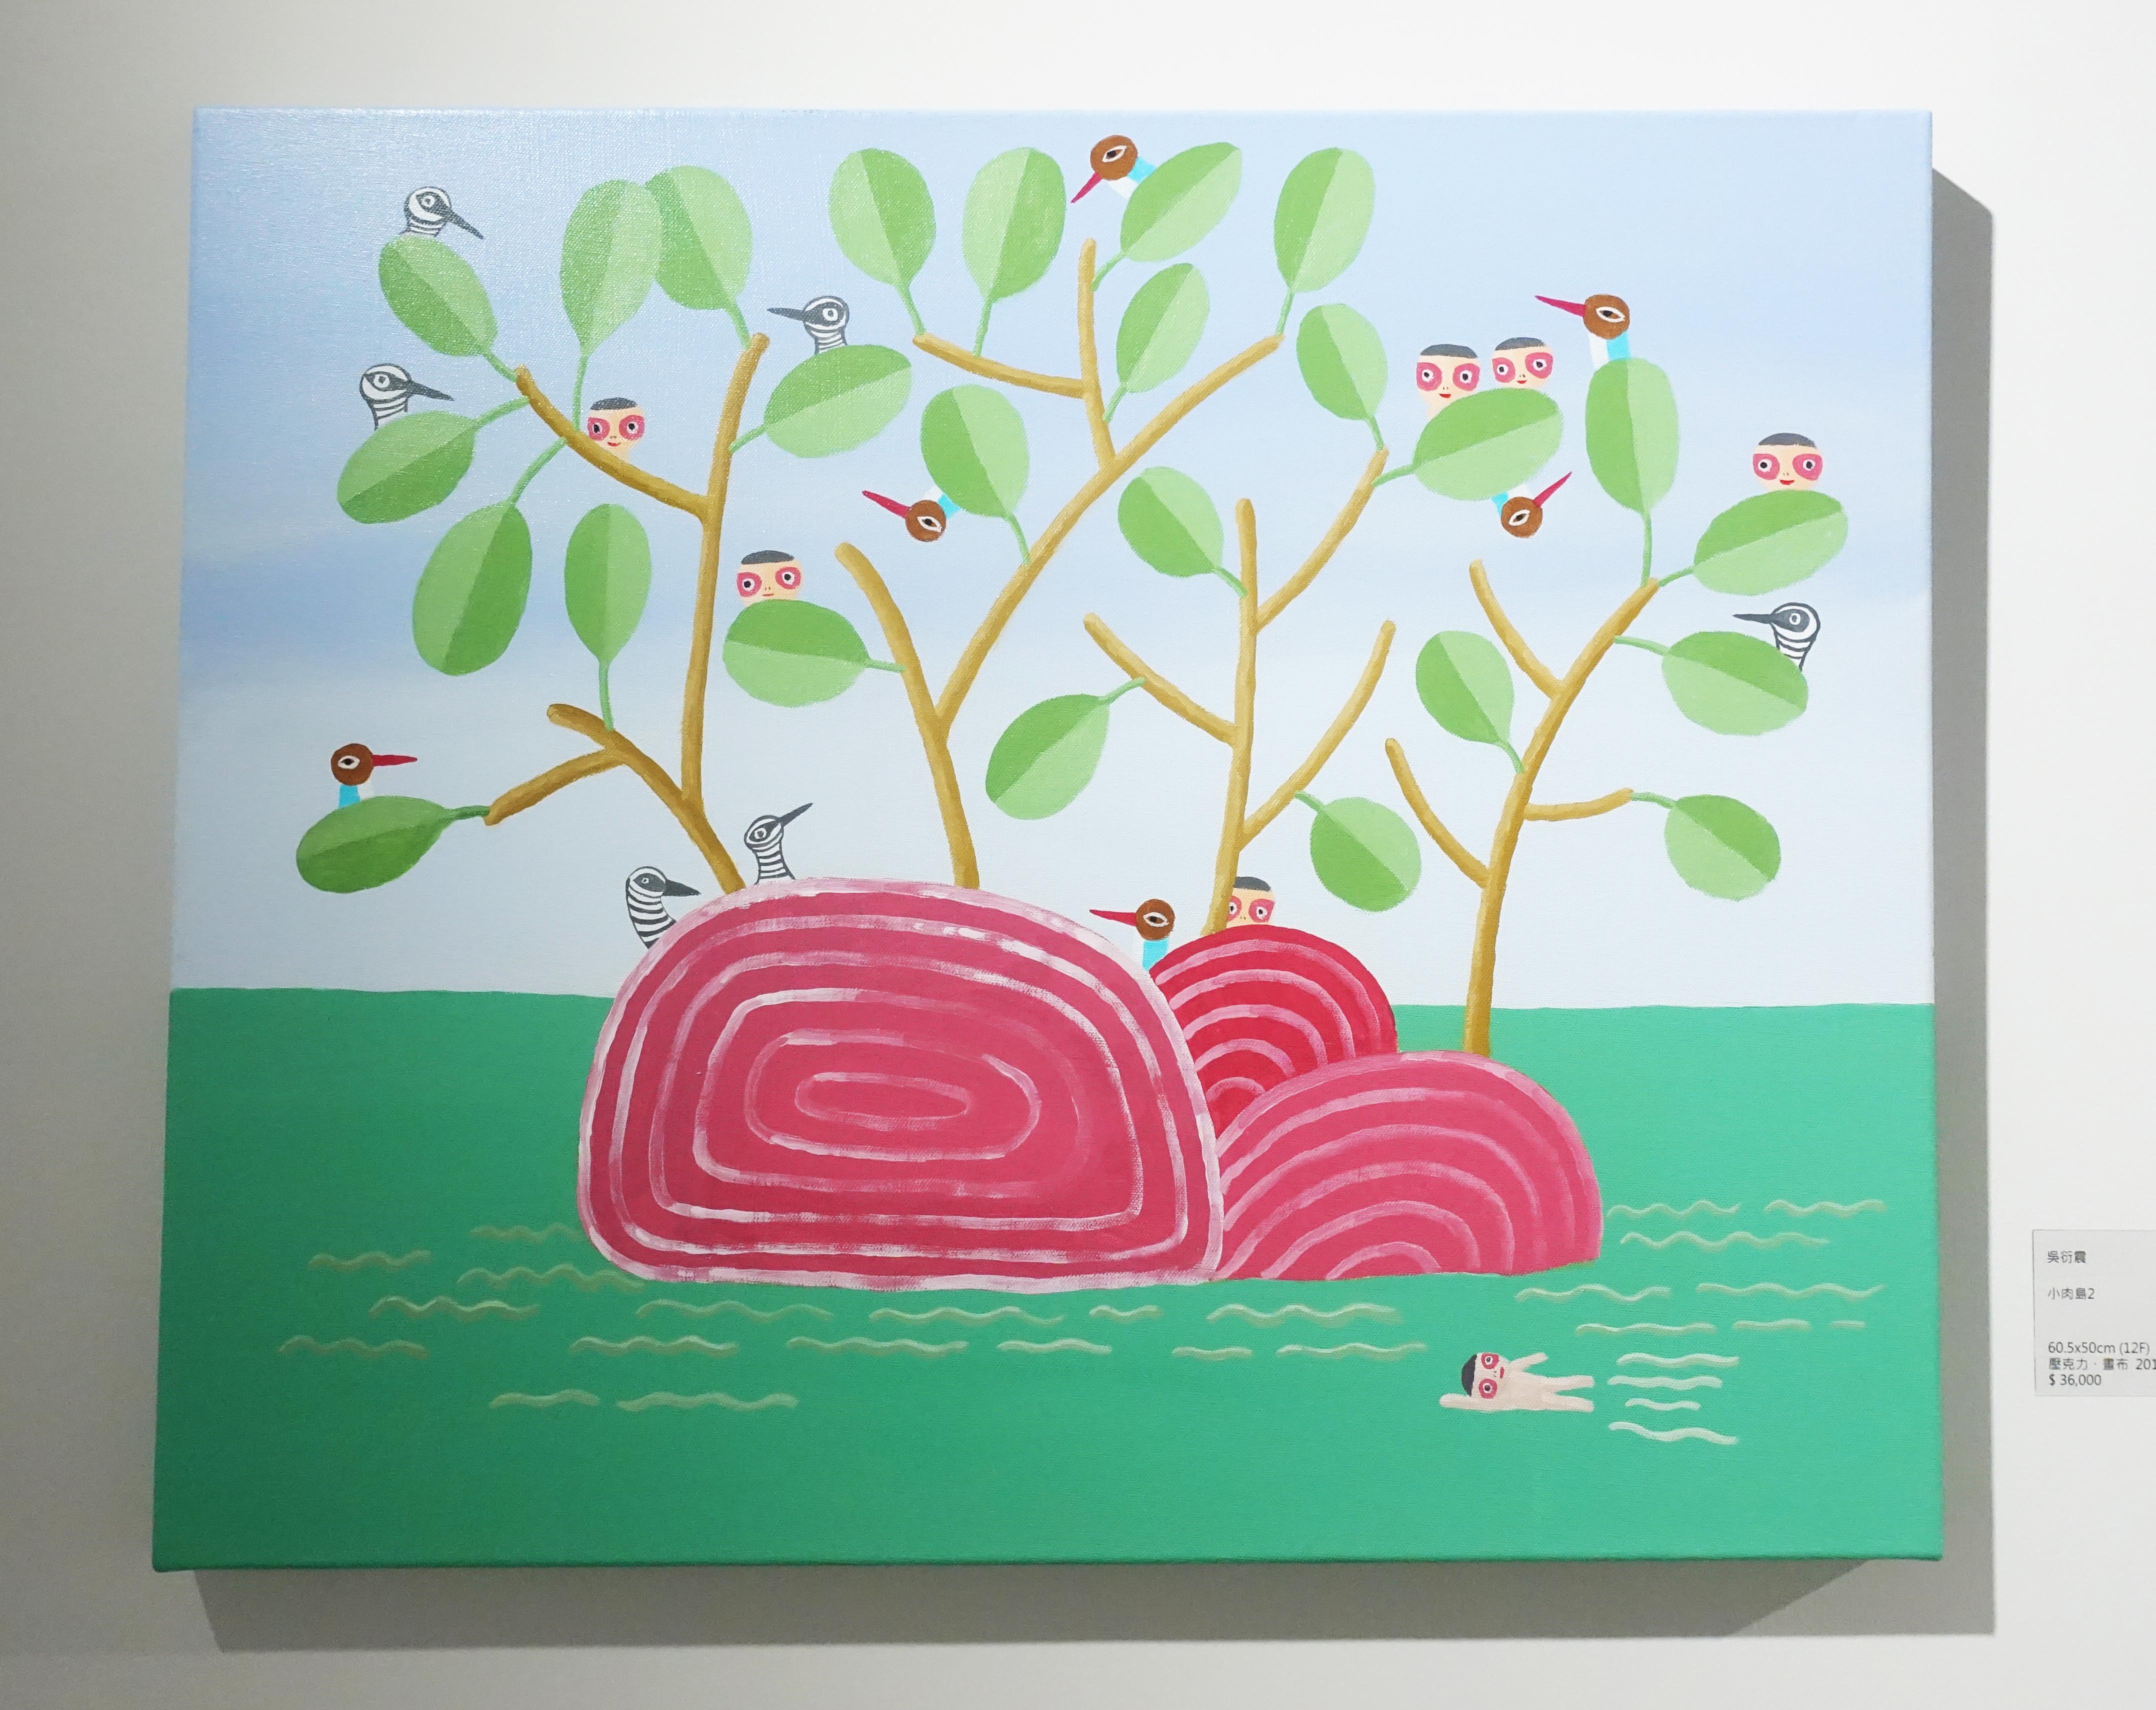 吳衍震,《小肉島2》,60.5 x 50 cm,壓克力、畫布,2017。